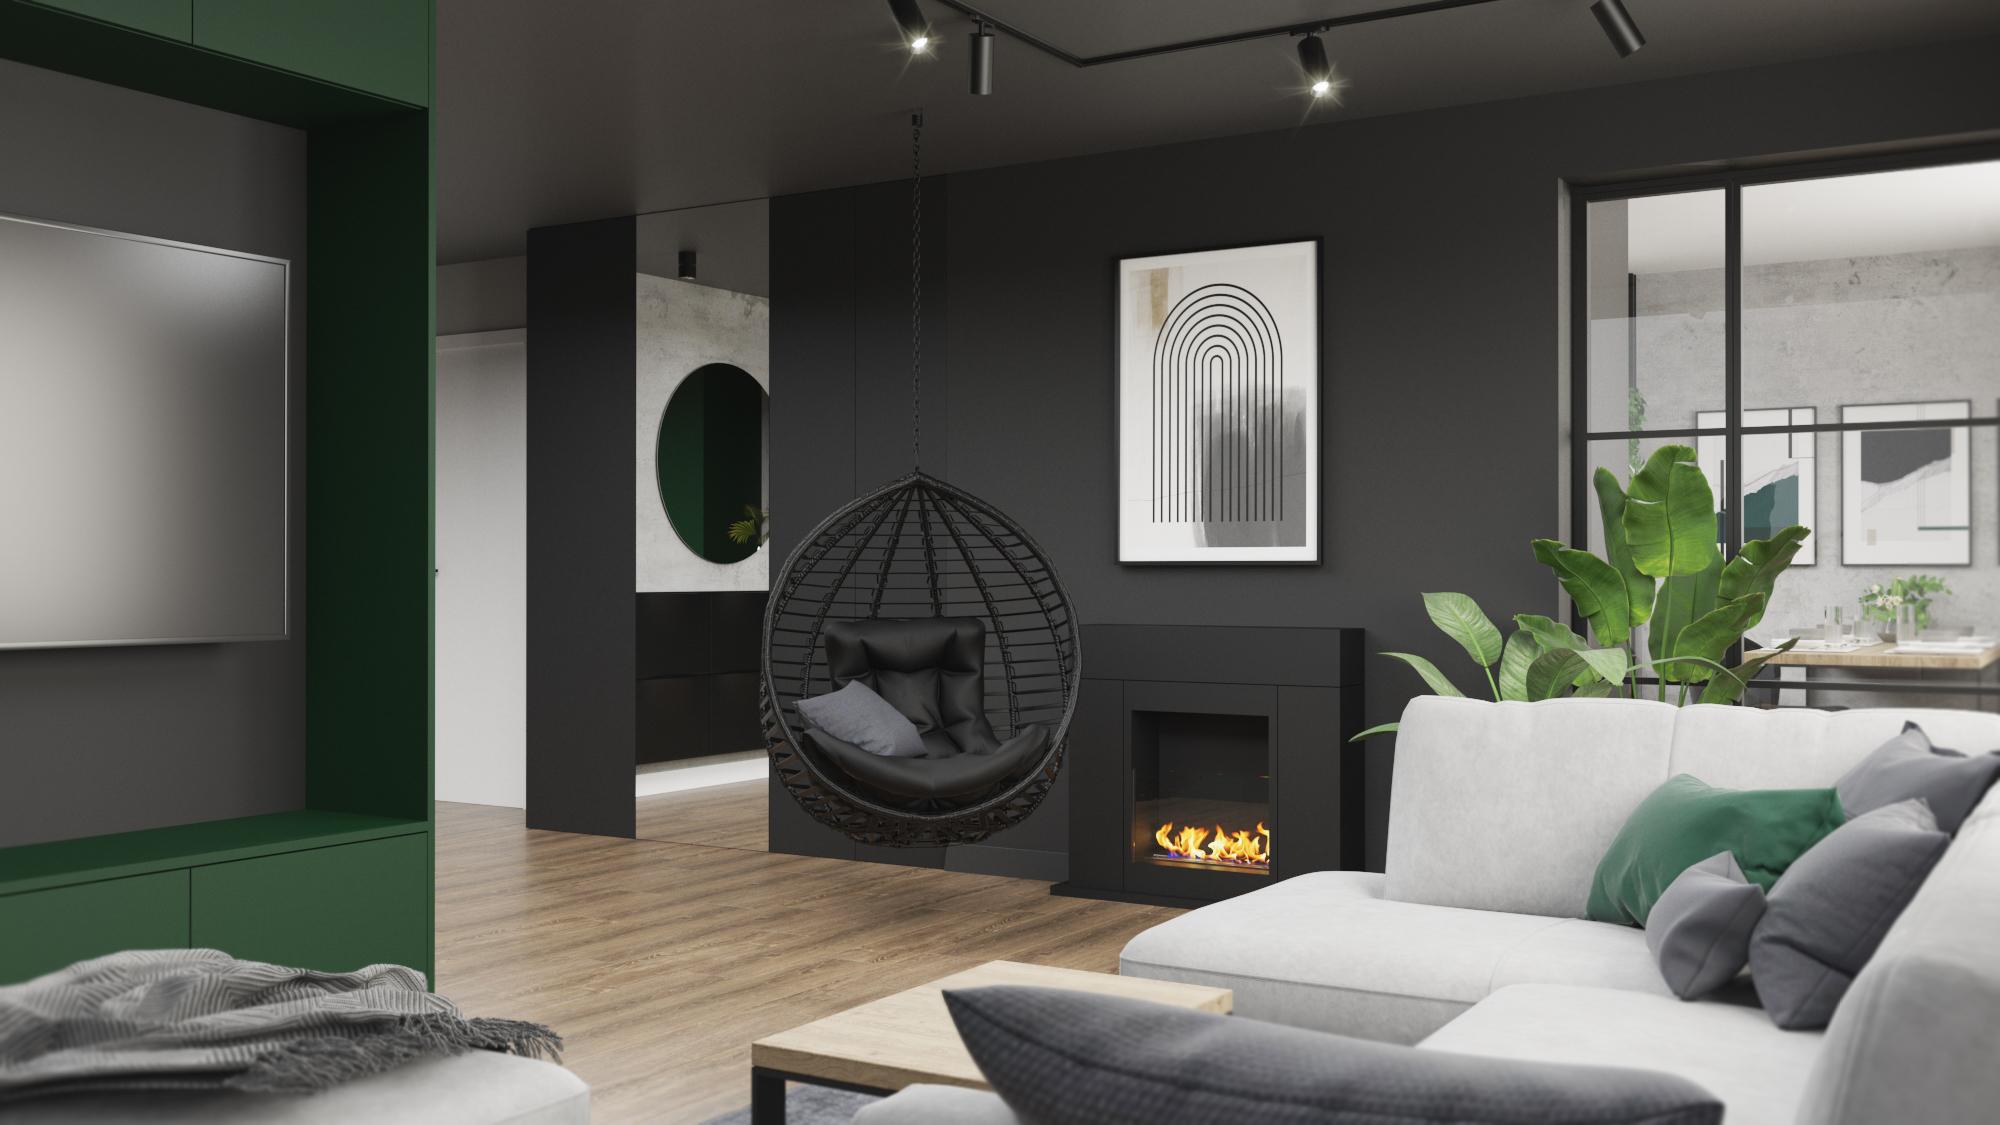 salon z bio kominkiem_bio kominek_kominek w salonie_nowoczesny kominek_minimalistyczny kominek